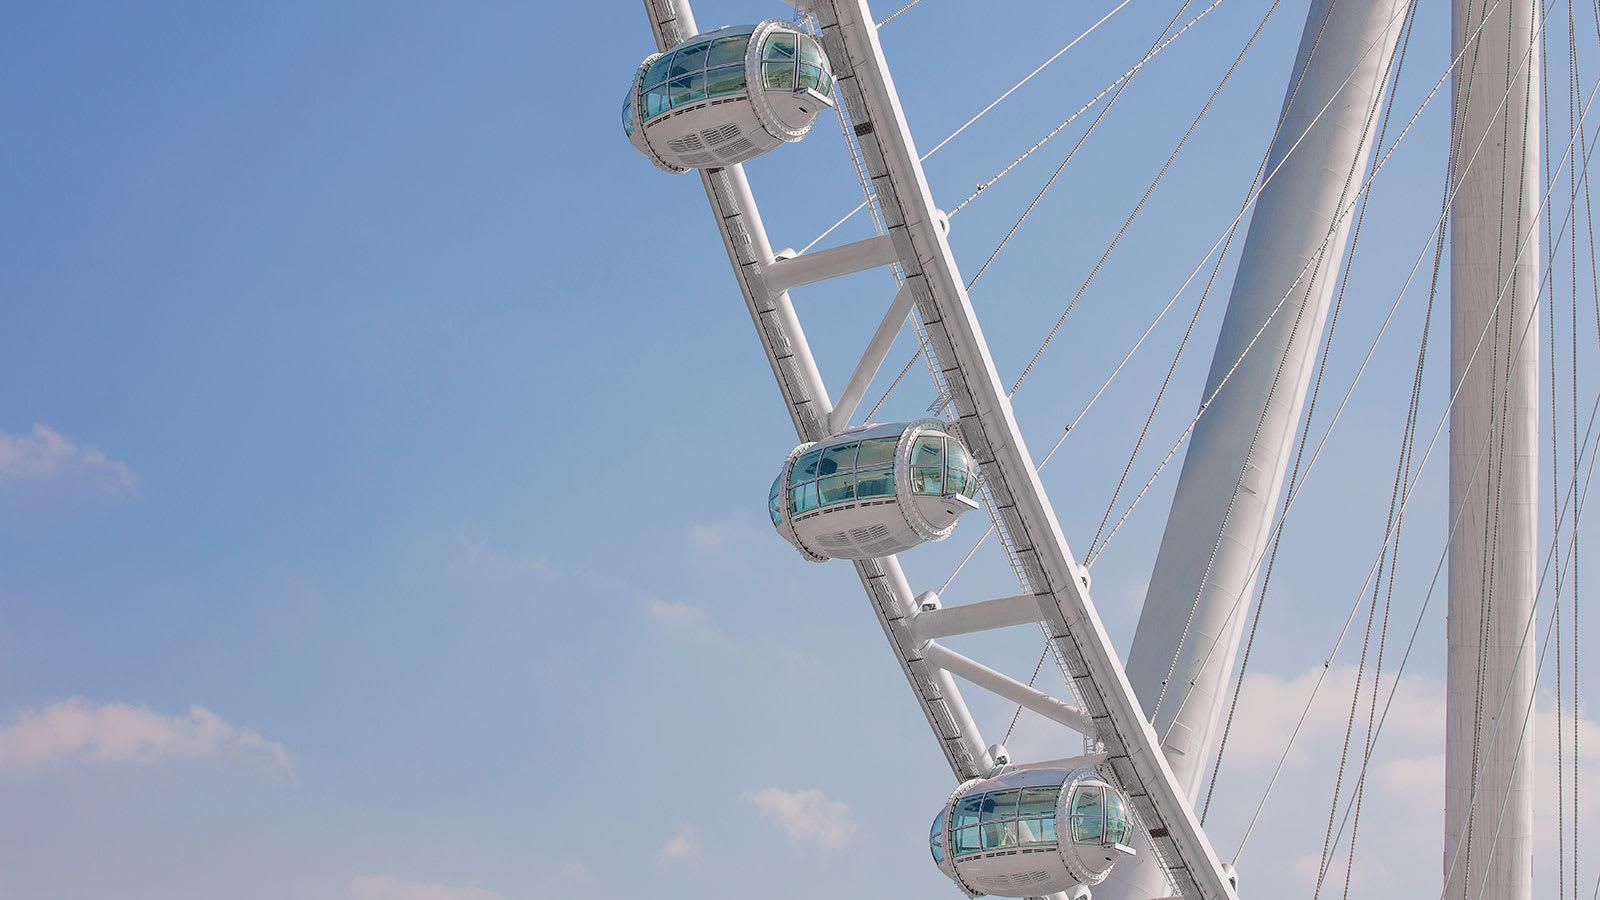 عين دبي: هكذا بنيت أكبر عجلة مشاهدة في العالم